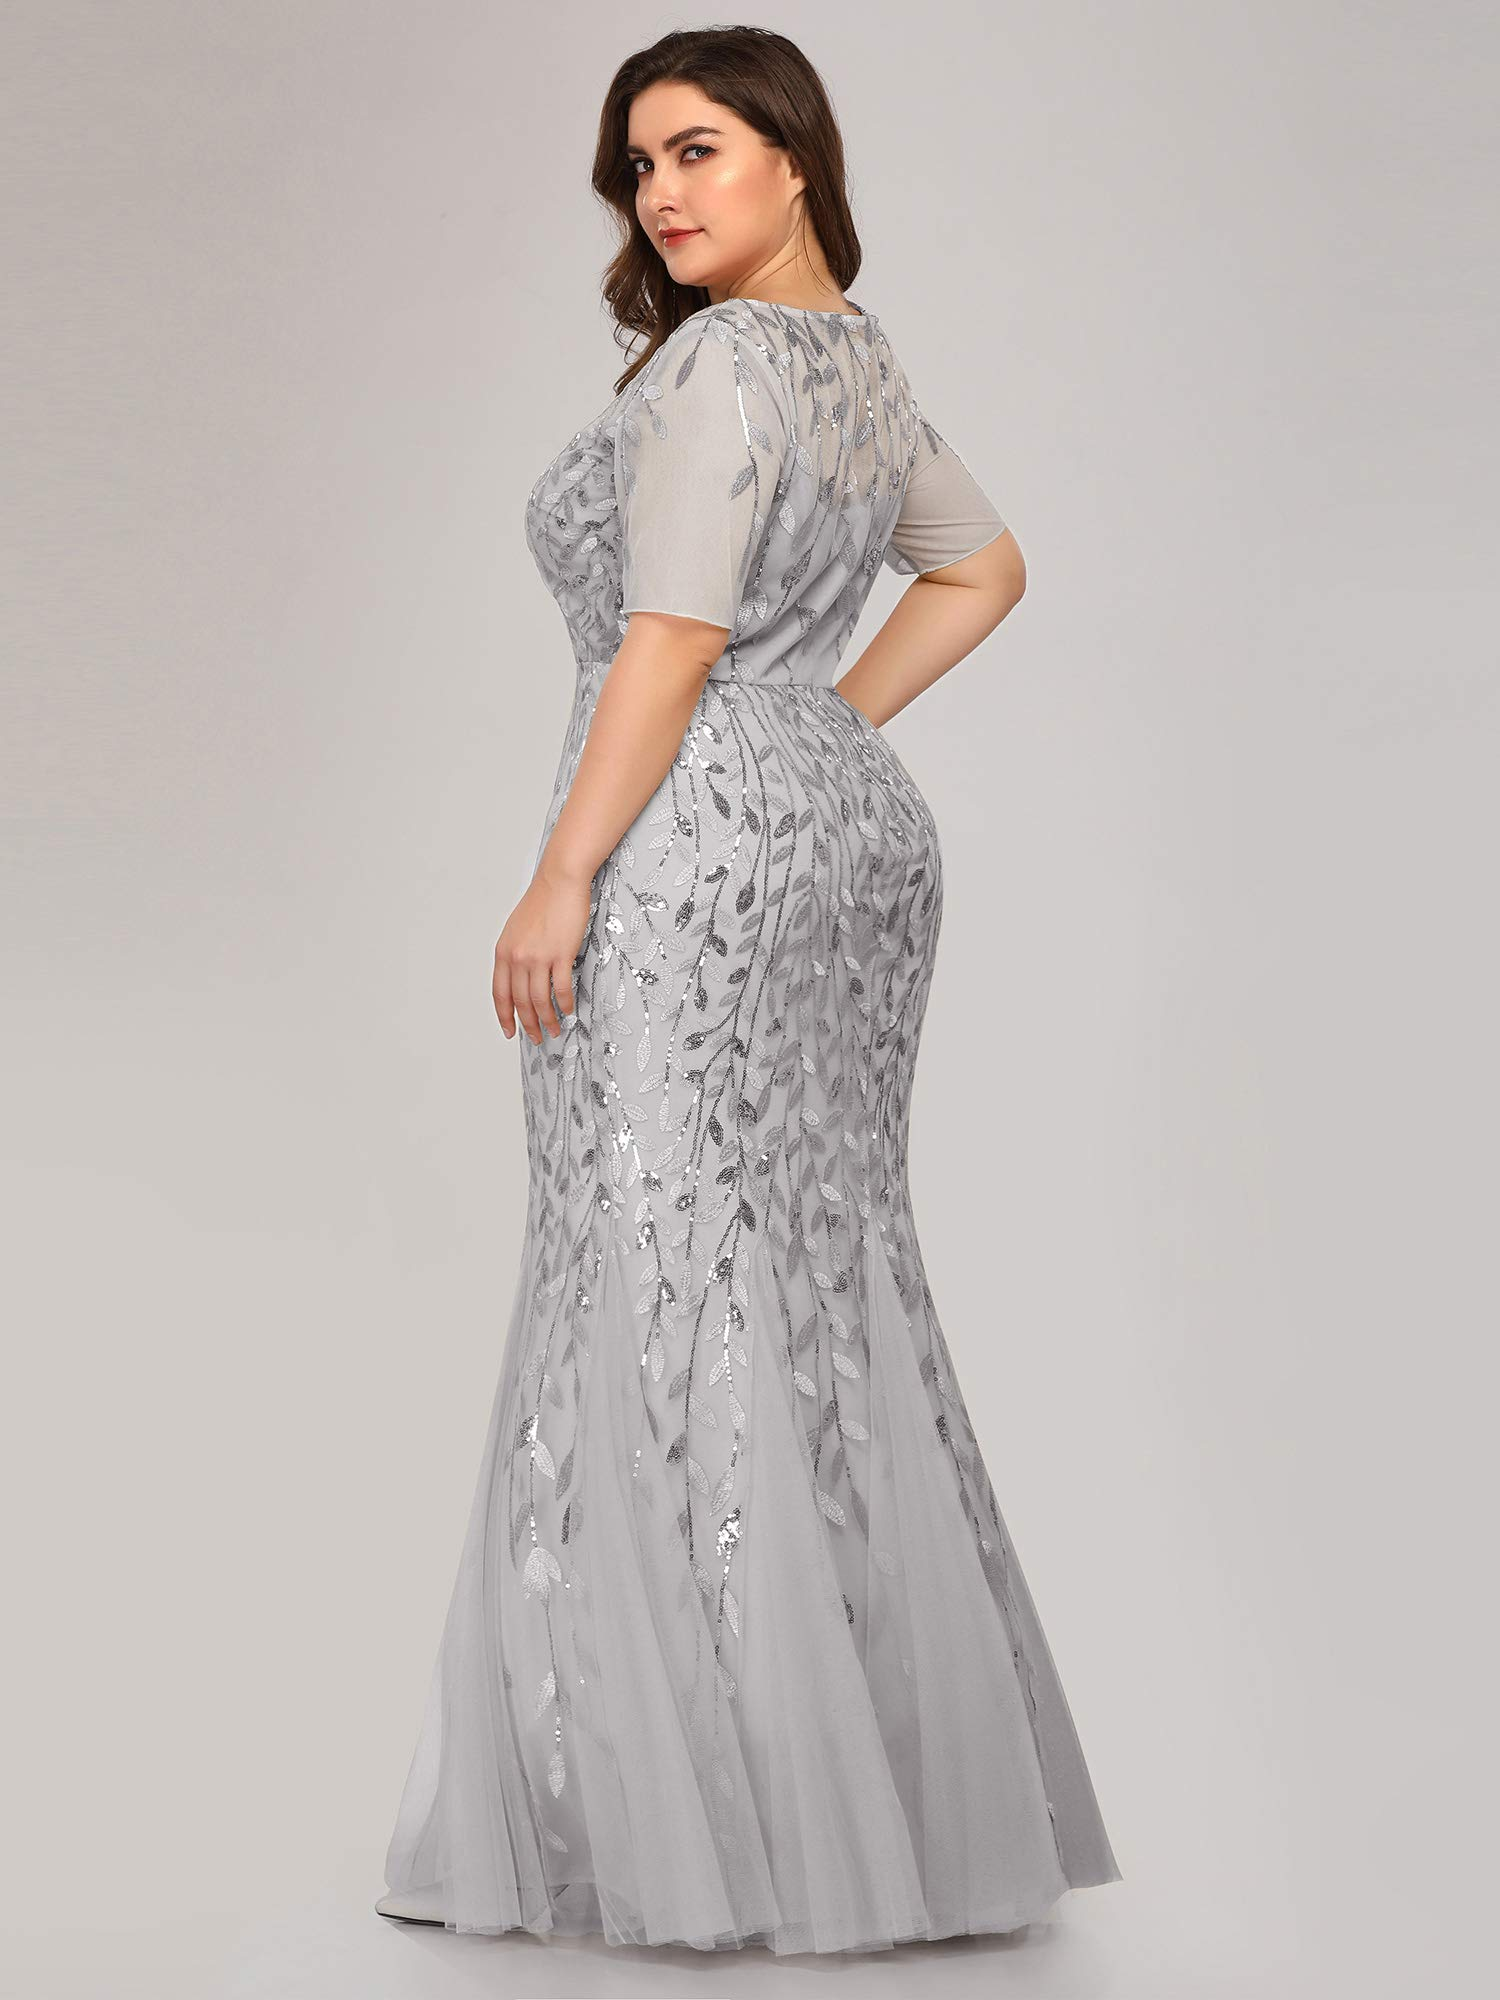 Women\'s Sweetheart Neckline Prom Formal Gown Mermaid Dress Plus Size Silver  US16